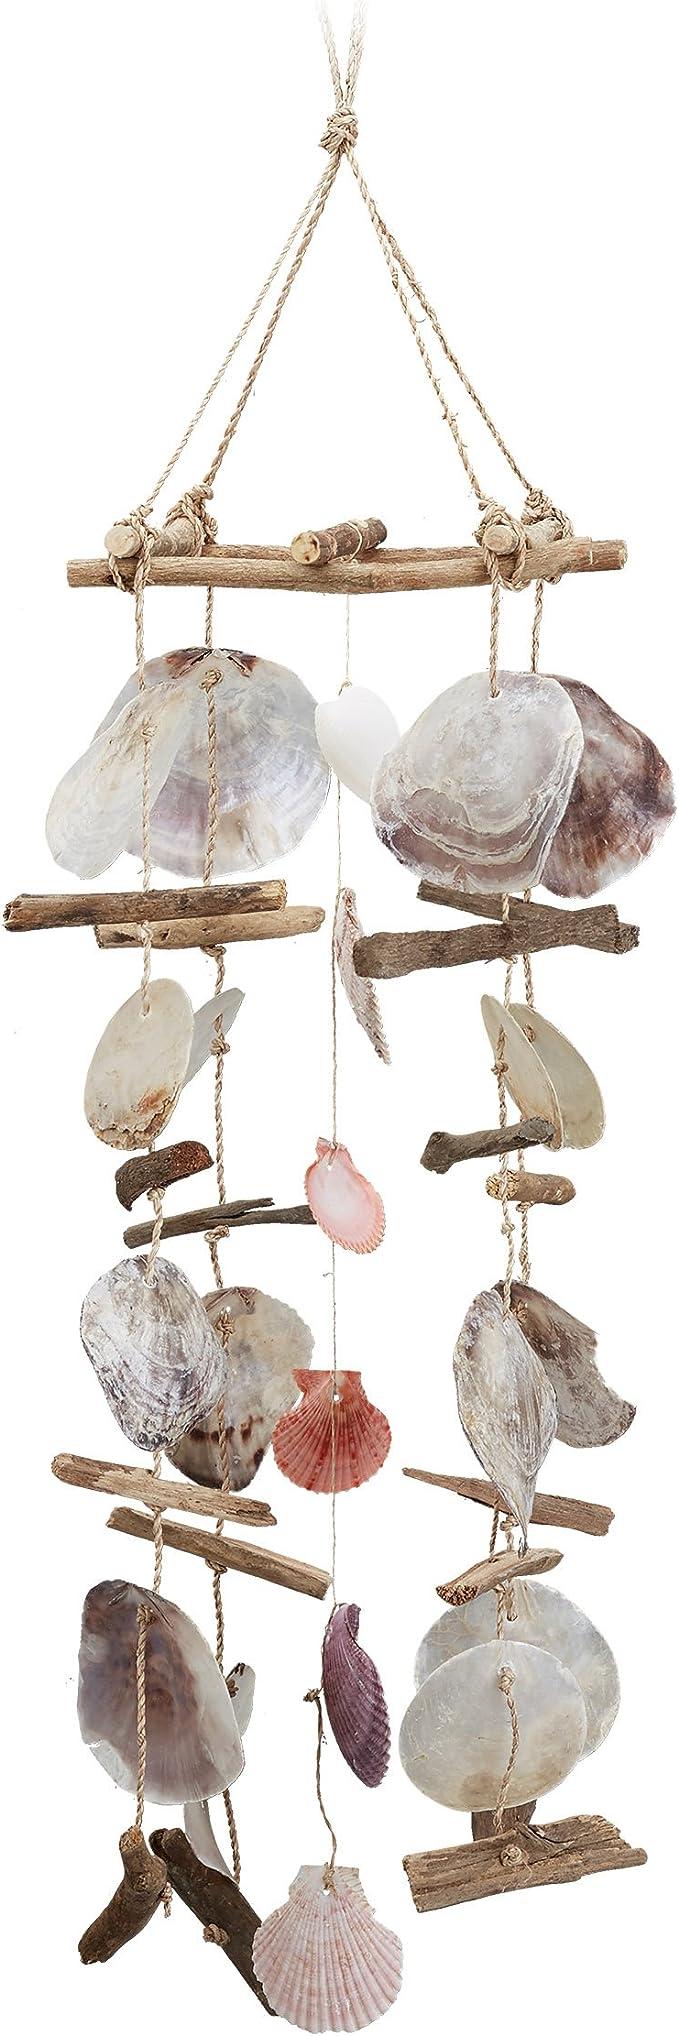 SUPVOX Campana de Viento al Aire Libre Colgante Decorativo Hermoso Campana de Viento de Concha para Tienda jard/ín Pasillo Pasillo caf/é